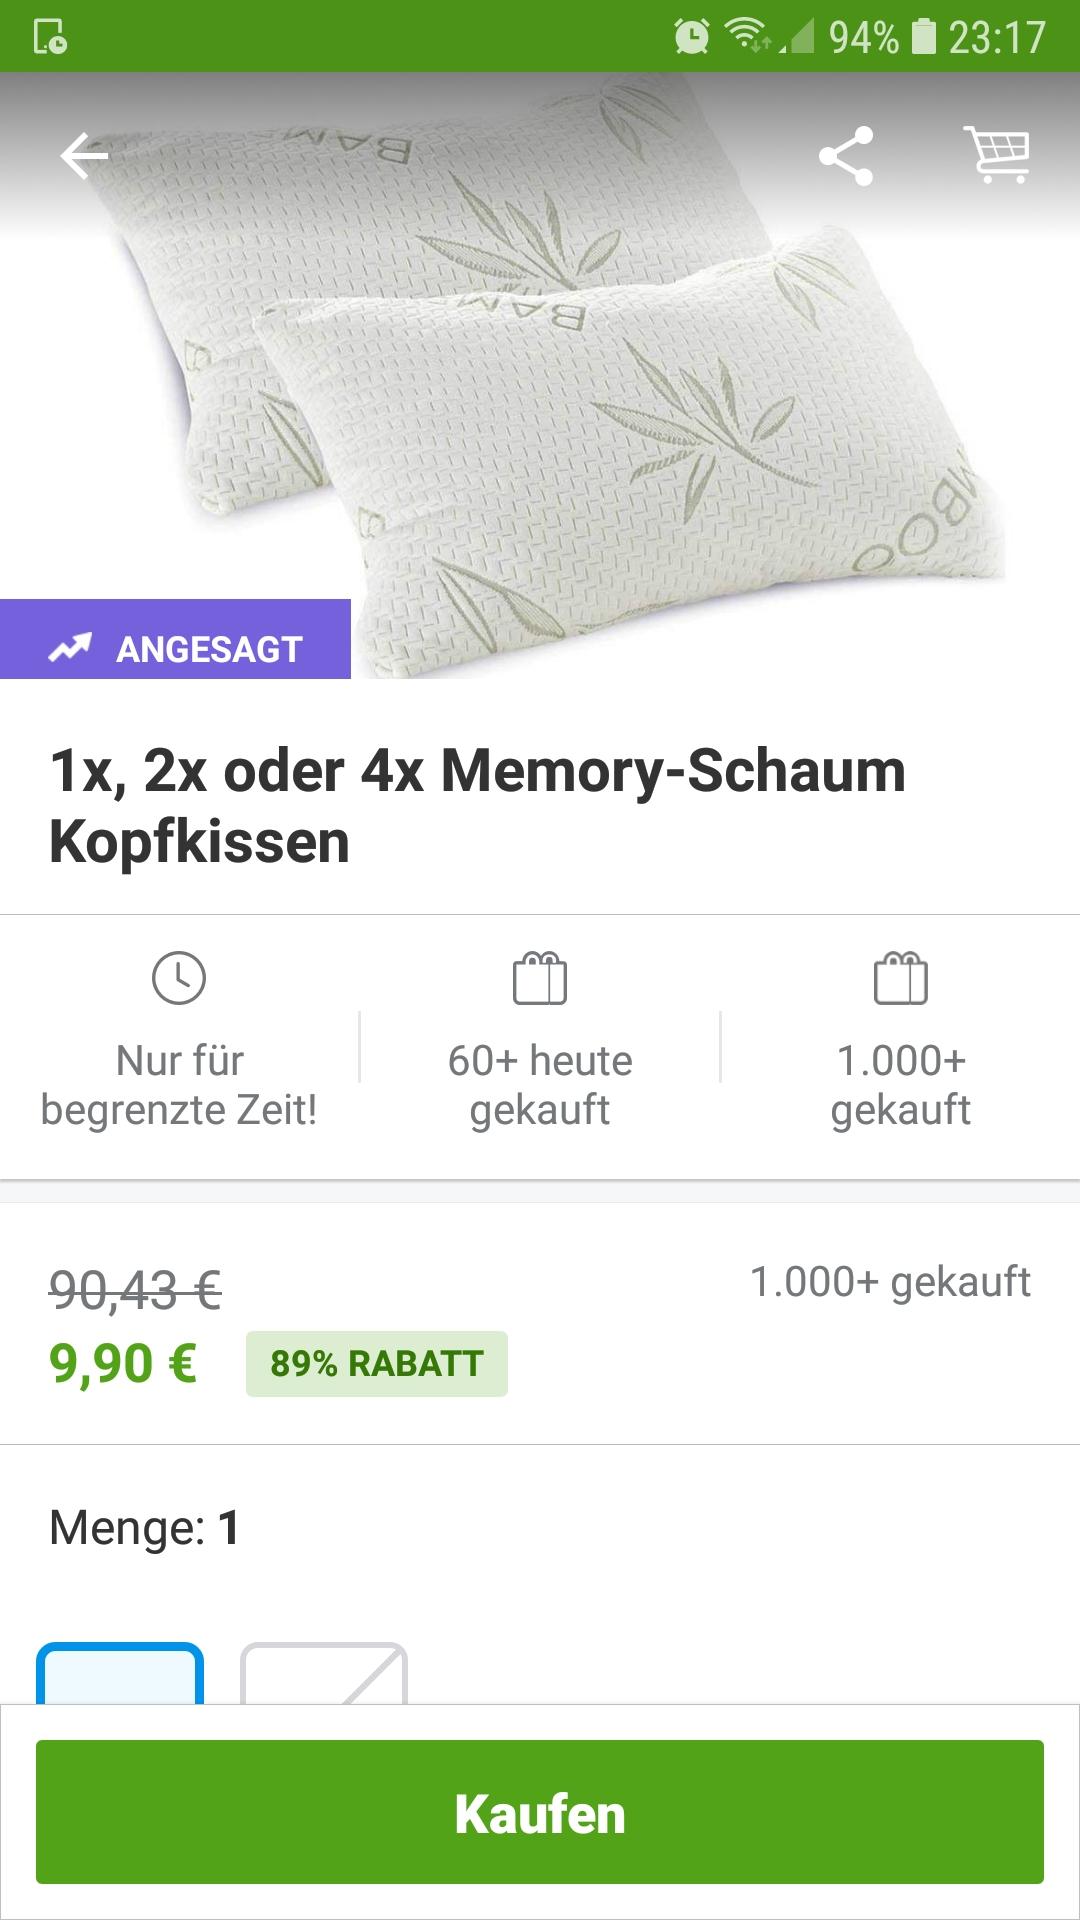 Memory-Schaum Kopfkissen 9,90 € 89 % Rabatt